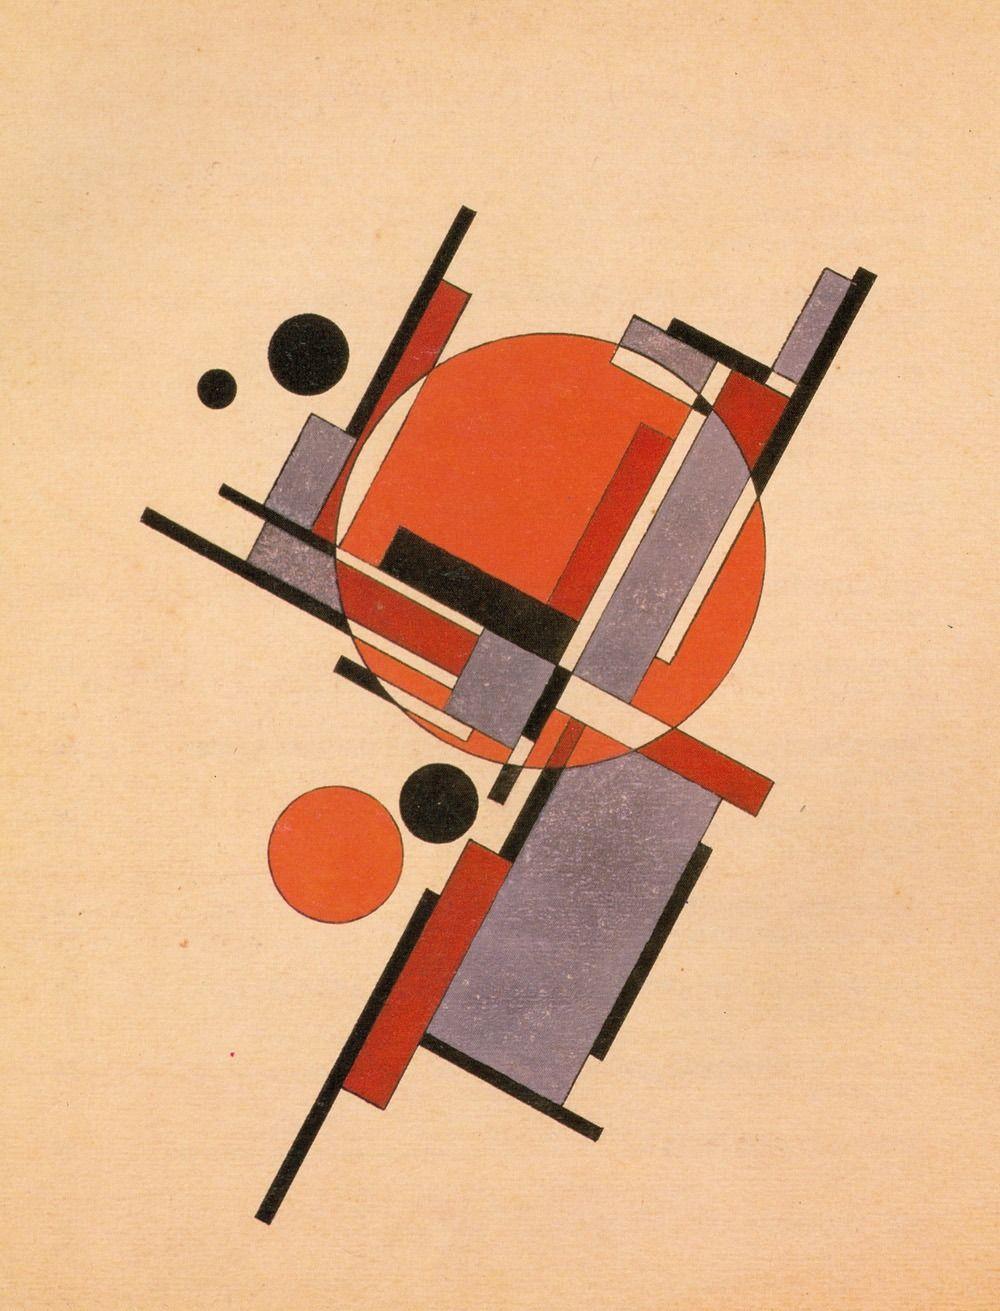 Suprematist Composition (1922), Iakov Chernikhov, #abstract #art #geometric 구상주의 /  입체 구조물 또는 건축물 처럼 구성하고 싶다. 대신 위에서 보았을때 원작 처럼 보여지게 만들고 싶다. 직선와 곡선의 대비와 크기의 대비 색의 대비 다 잘 이뤄진 작업이기에 입체로 만들었을 때도 흥미로운 작품이 나올 것 이라고 기대된다.